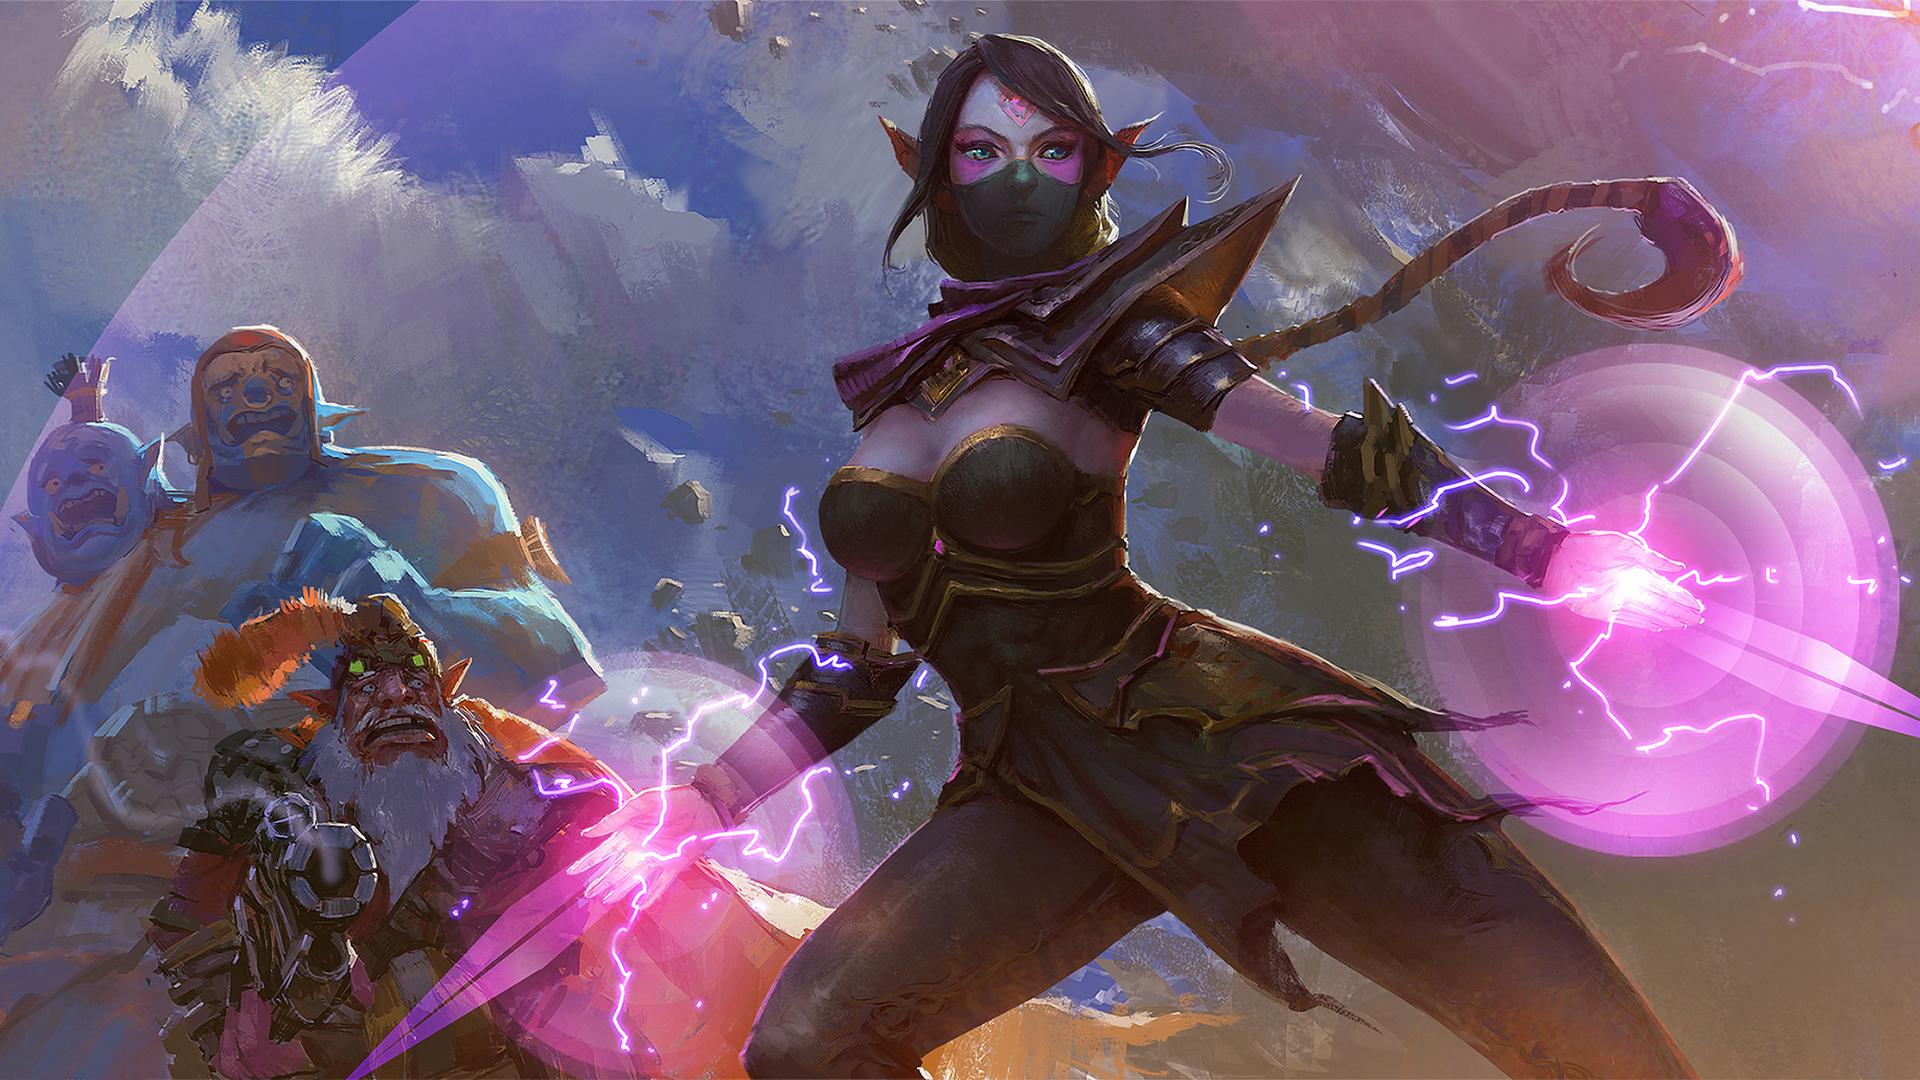 lanaya the templar assassin 87 wallpaper hd